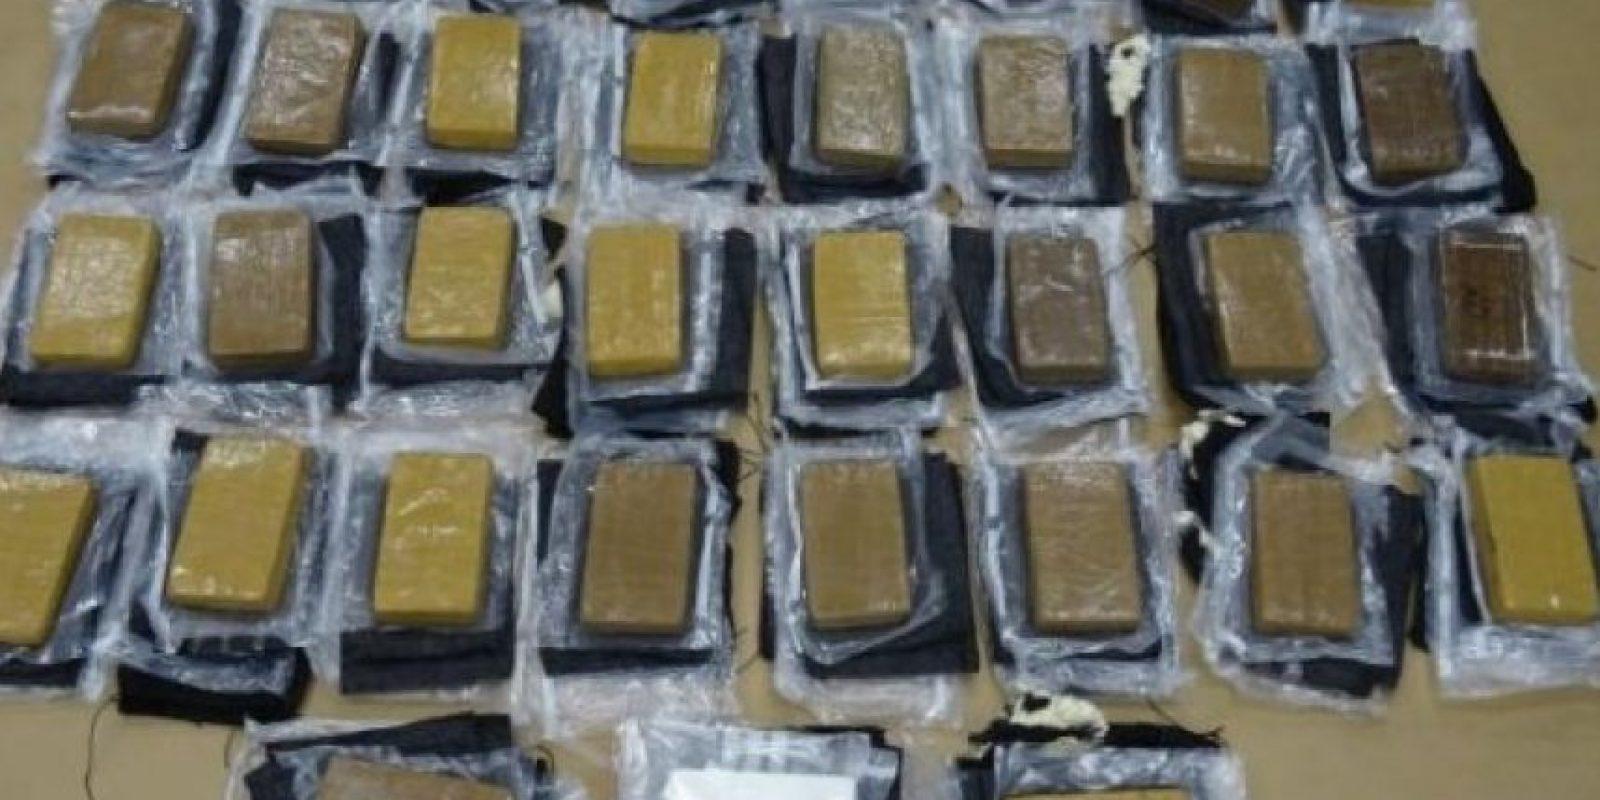 En su interior había 35 bloques de cocaína de alto grado con un valor de 10 millones de dólares estadounidenses. Foto:Policía Nueva Zelanda